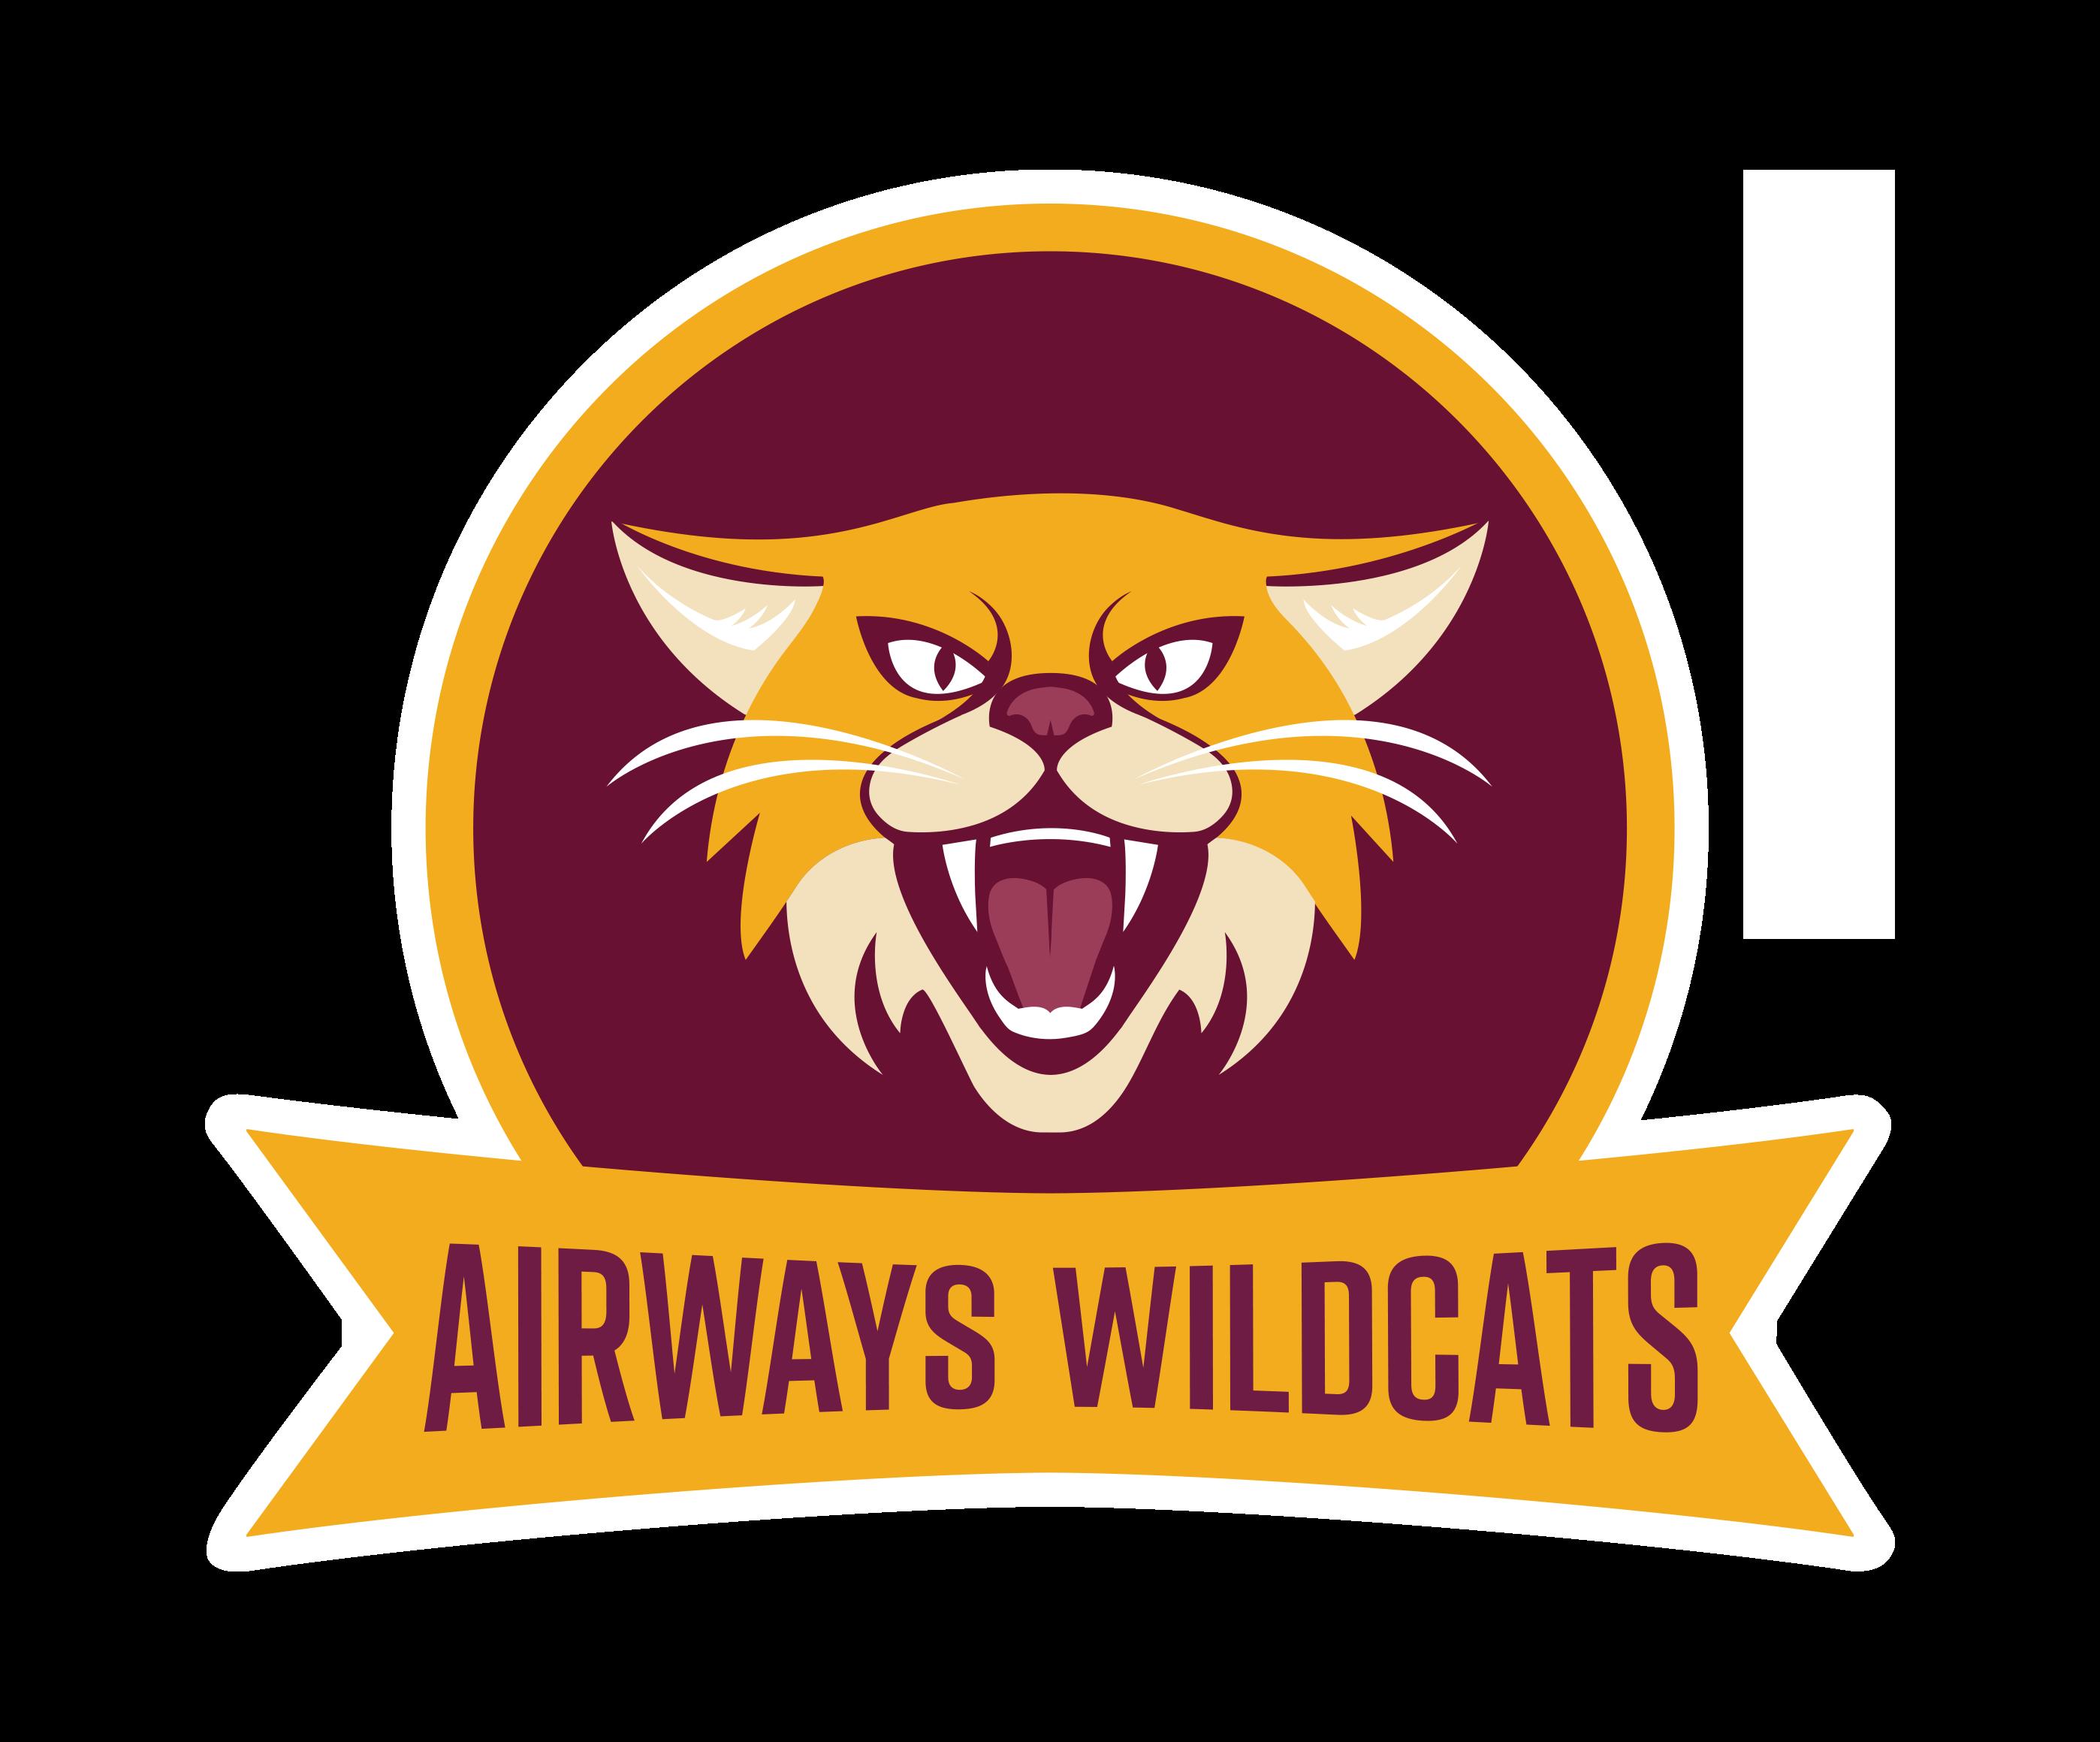 Wildcat clipart black gold. Airways wildcats spalairwayswildcatsrevfpng